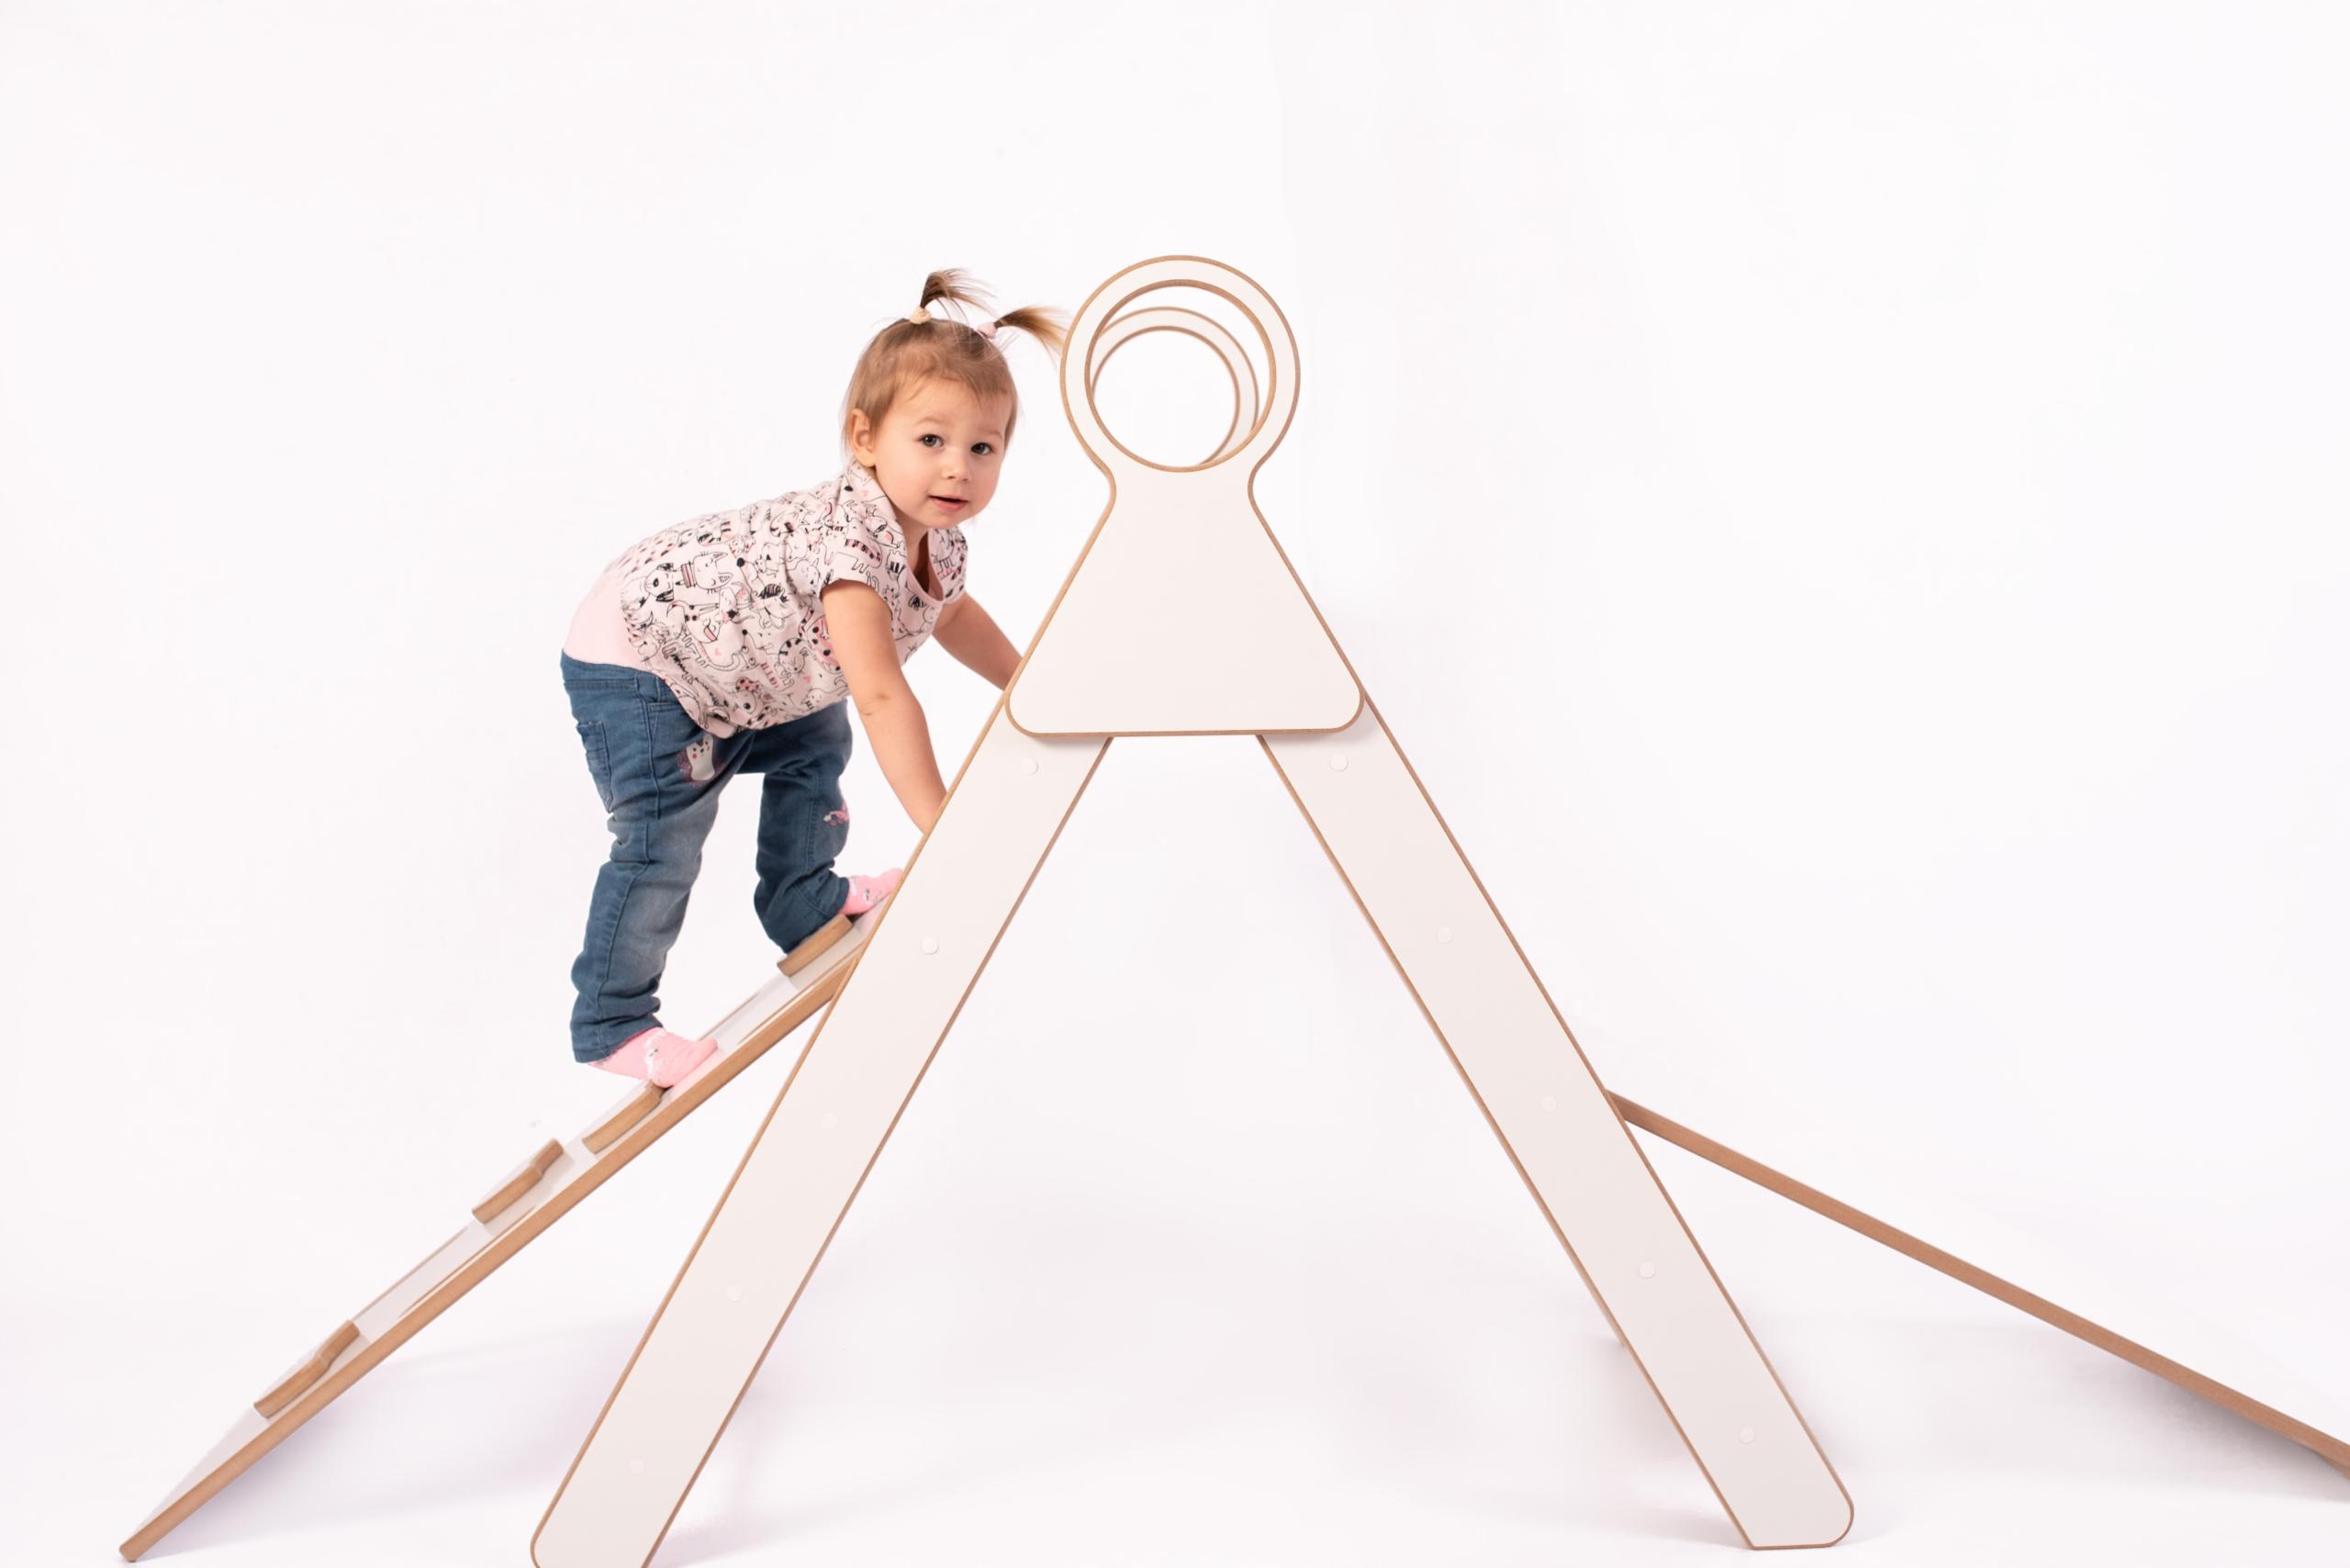 Лестница для подъема - пиклер - треугольник